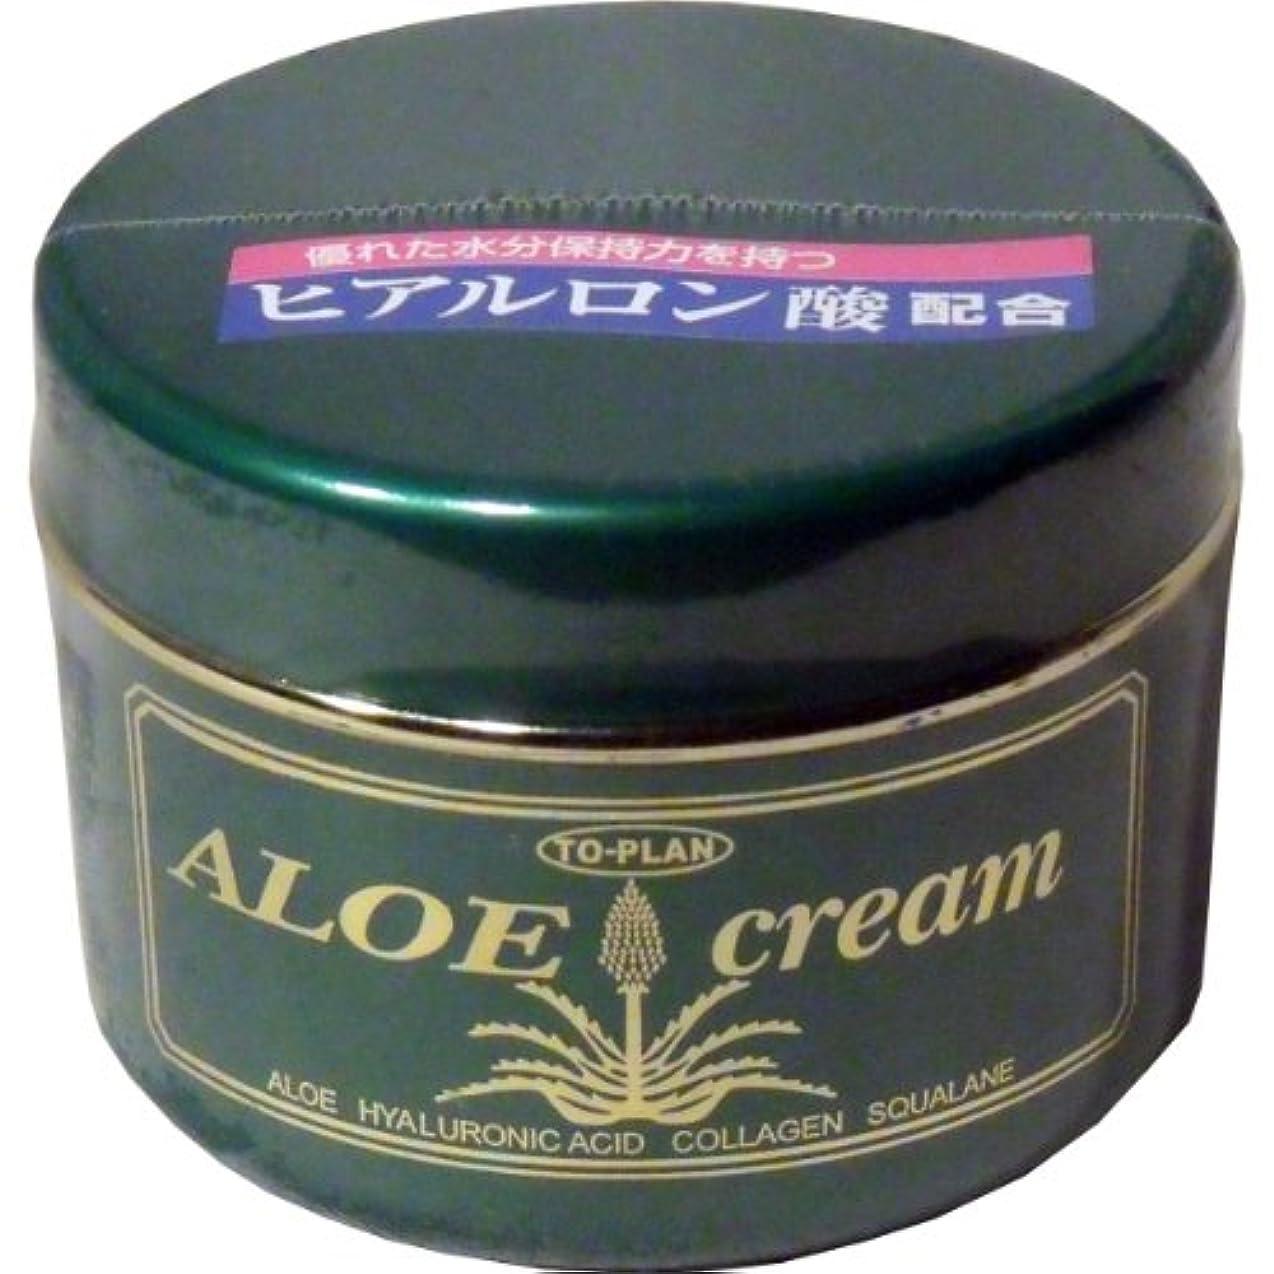 トロリーバス受け取る騙すトプラン ハーブフレッシュクリーム(アロエクリーム) ヒアルロン酸 170g ×10個セット